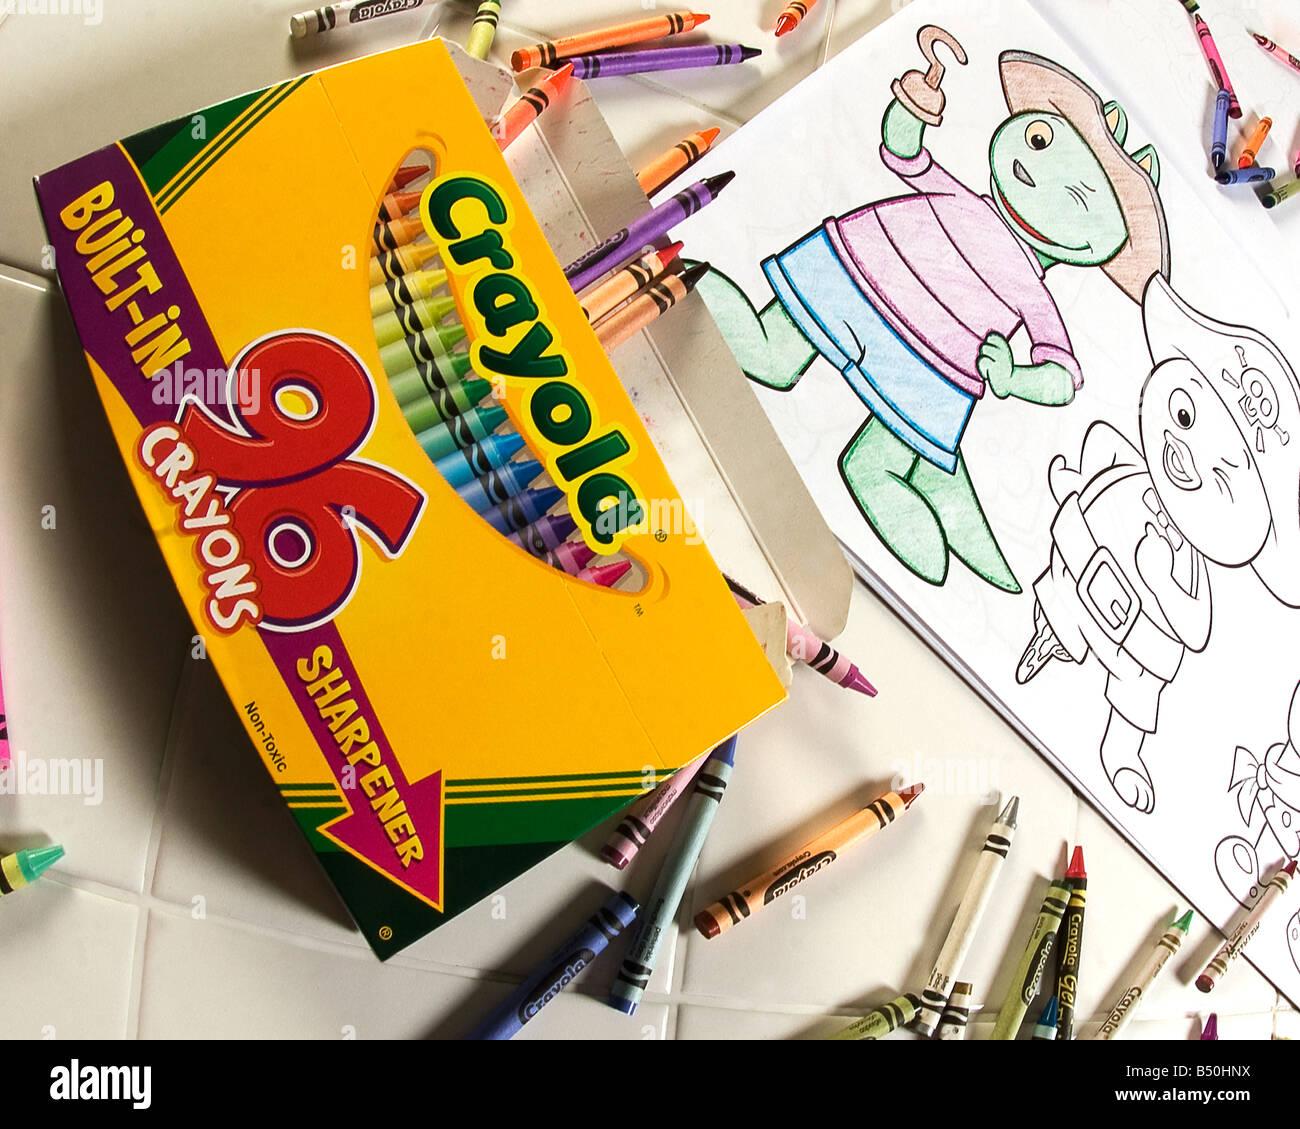 Crayola Crayon Imágenes De Stock & Crayola Crayon Fotos De Stock - Alamy